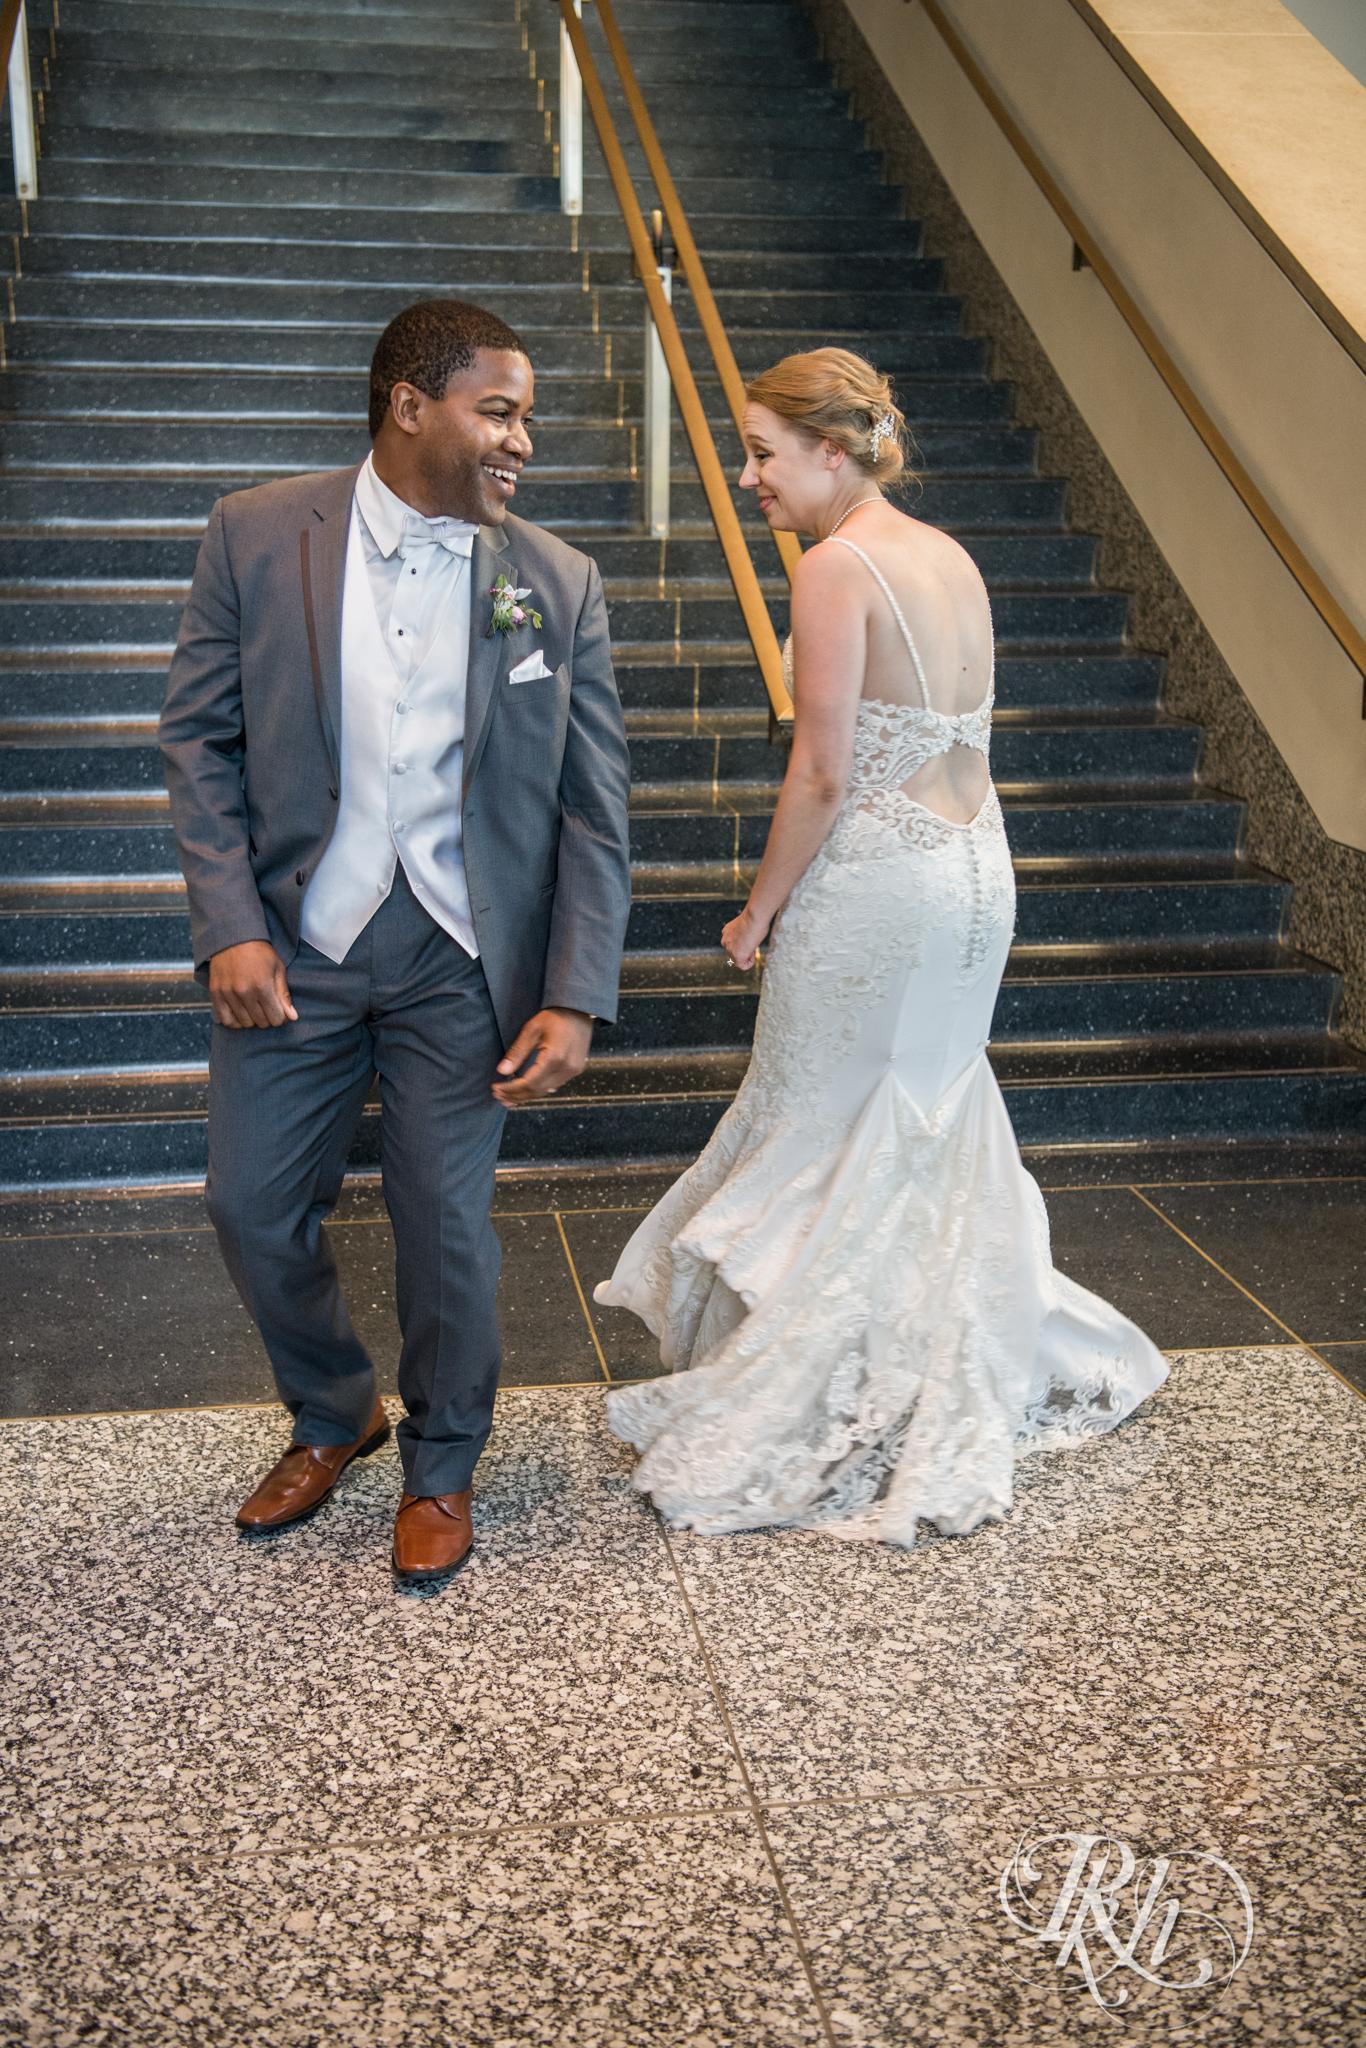 Laura and Adekunle - Minnesota Wedding Photographer - Minnesota History Center - RKH Images - Blog (56 of 75).jpg